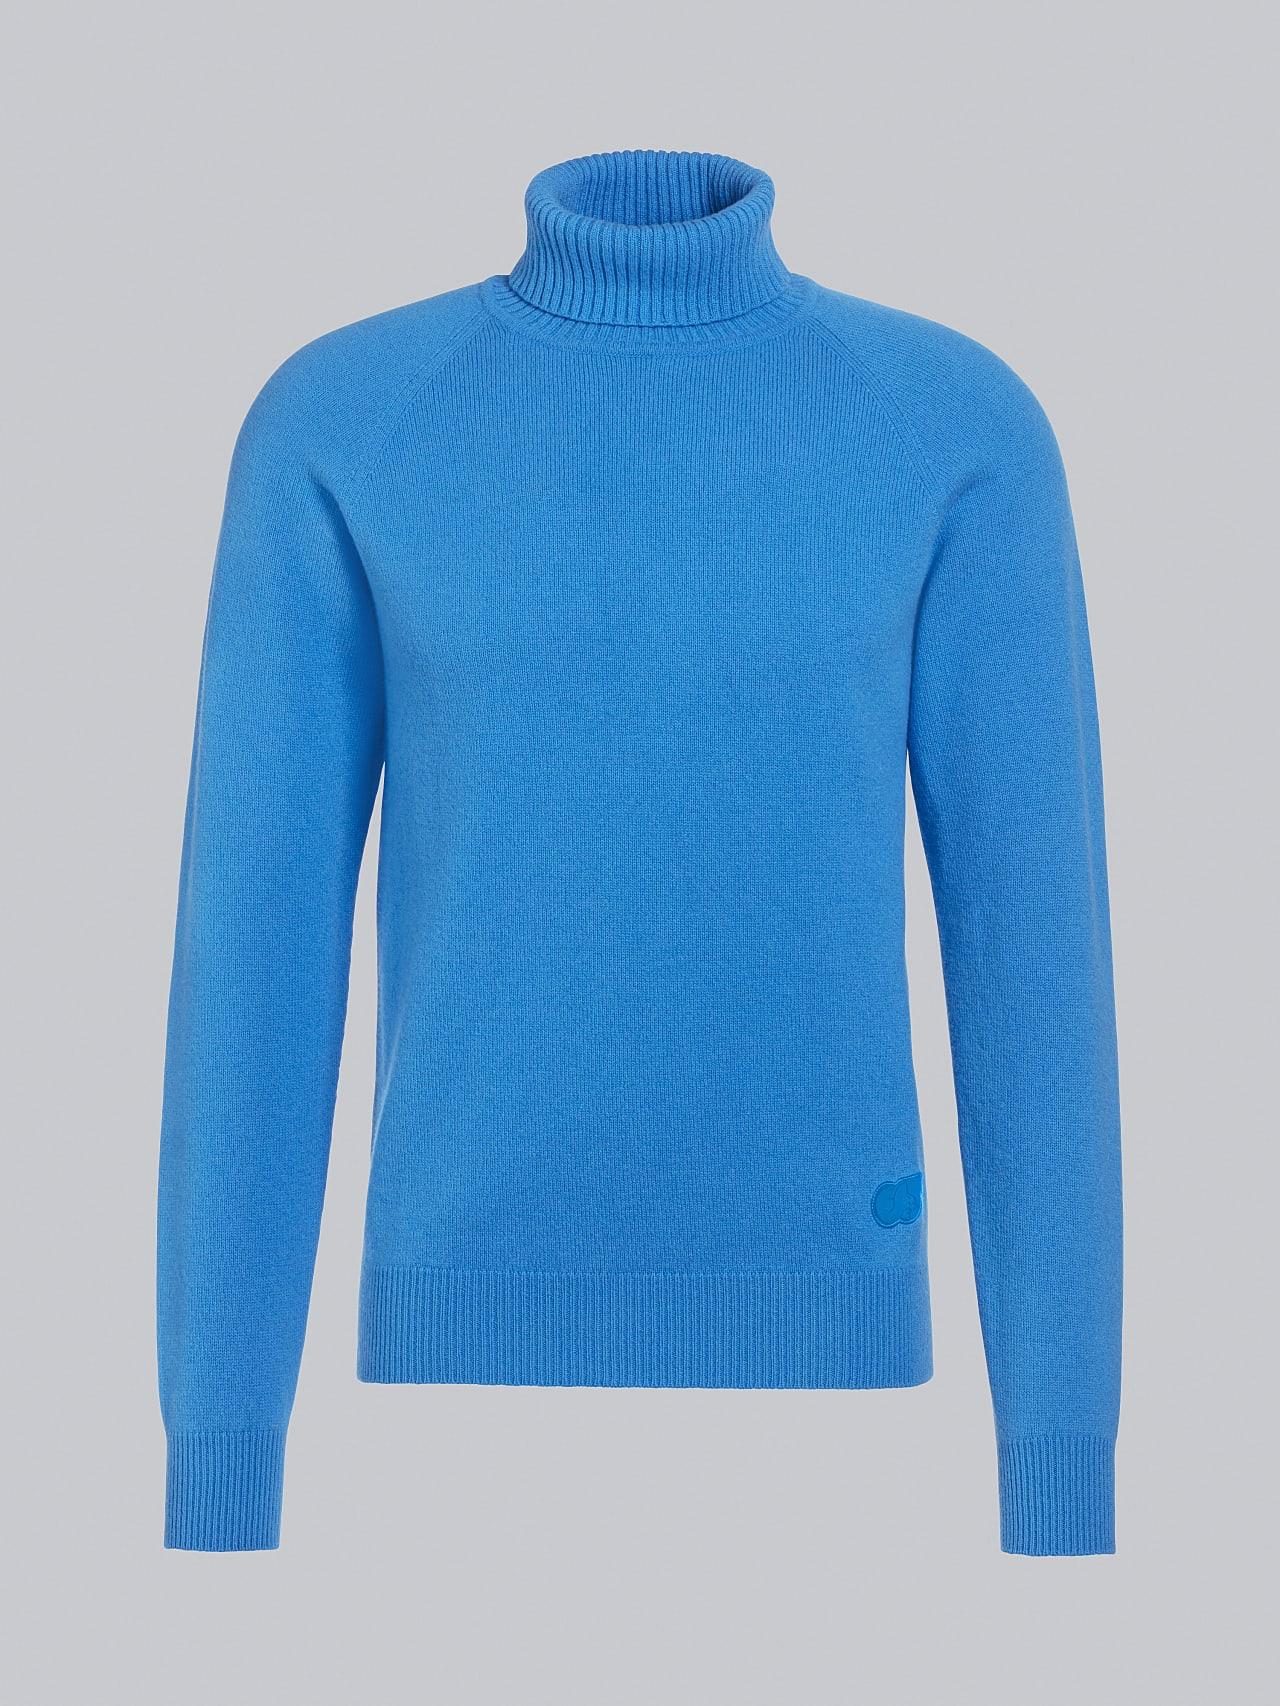 FLUCK V2.Y5.02 Seamless 3D Knit Cashmere-Blend Turtle Neck blue Back Alpha Tauri